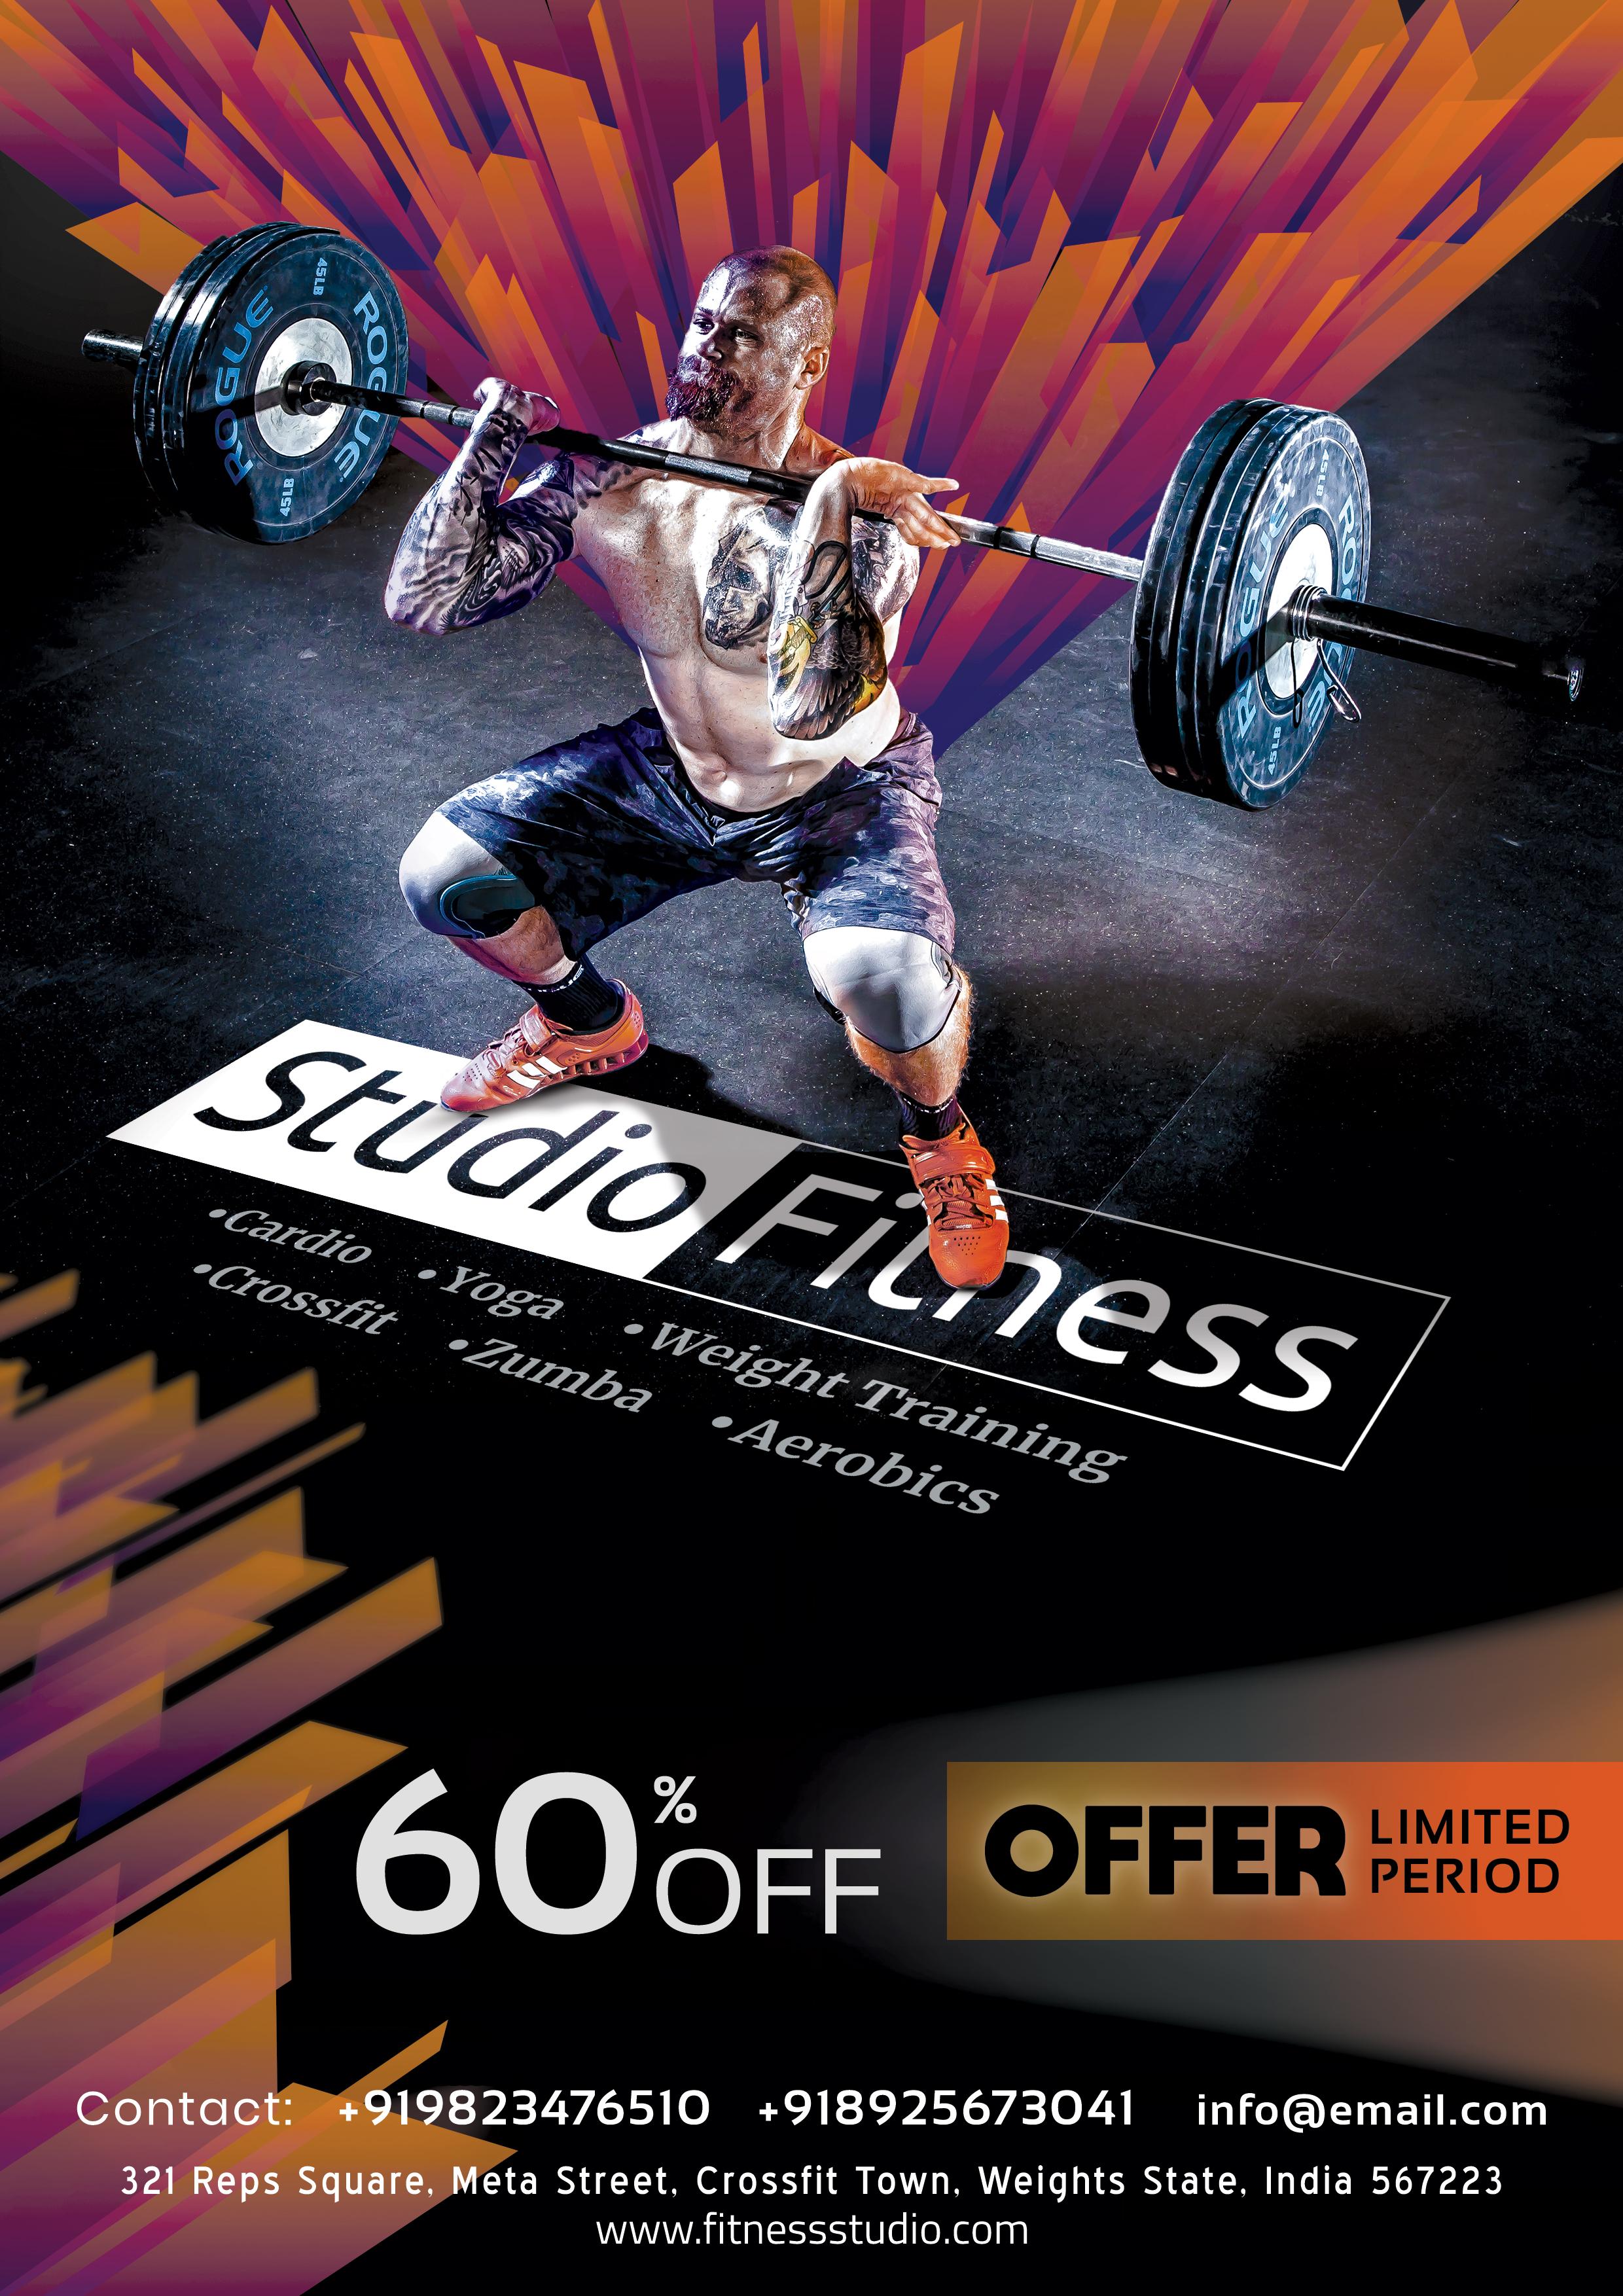 Gym Fitness Flyer + Social Media Free PSD Template | PsdDaddy com